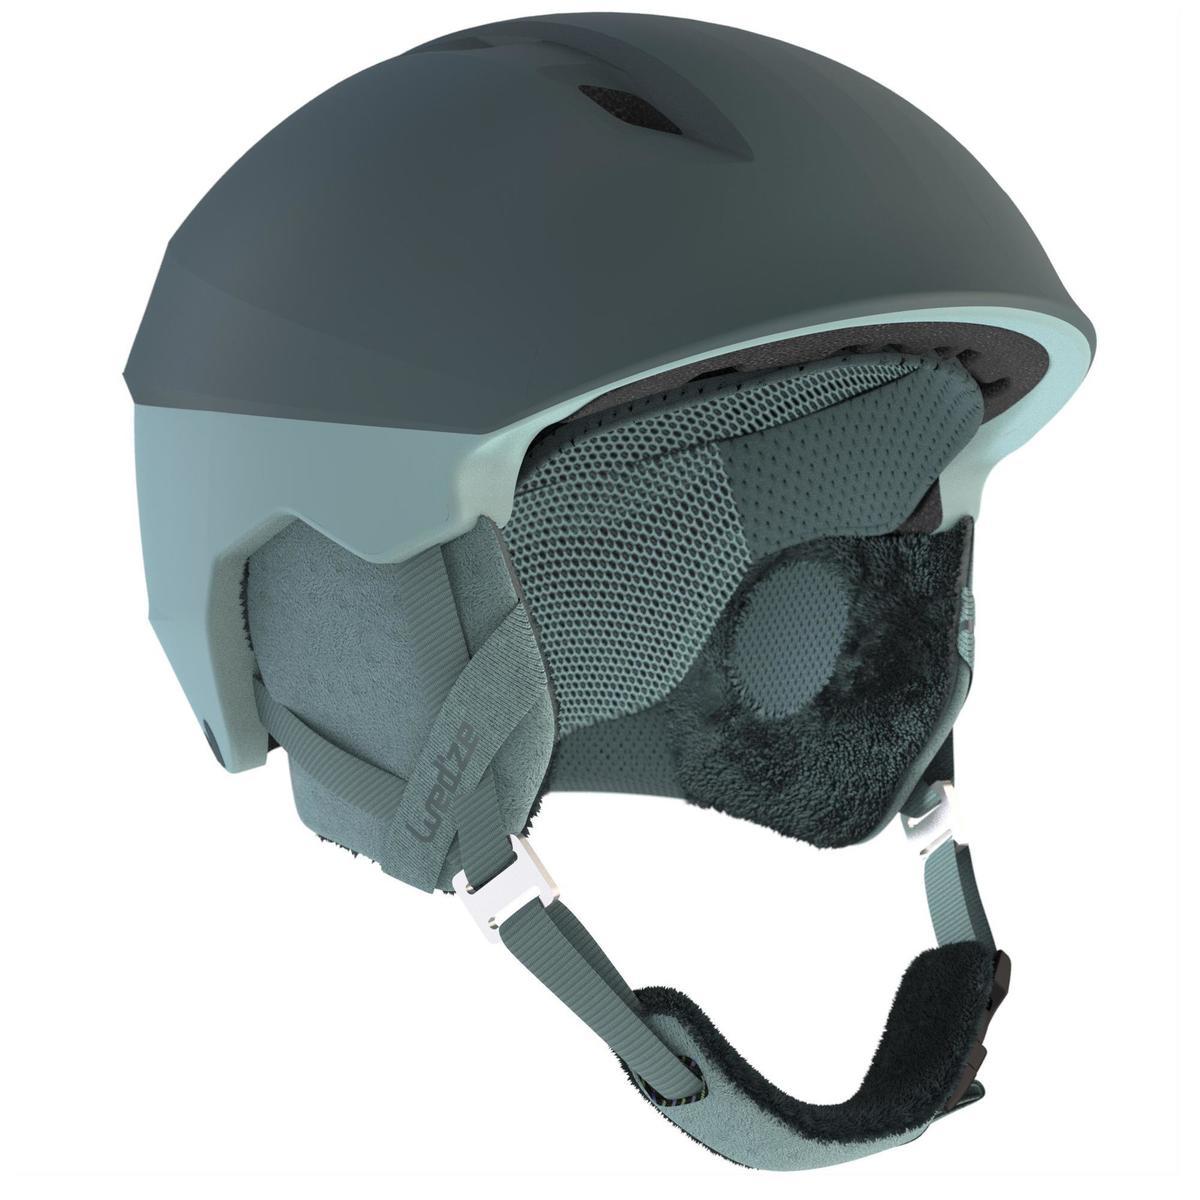 Bild 1 von Skihelm H-PST 900 Erwachsene blau